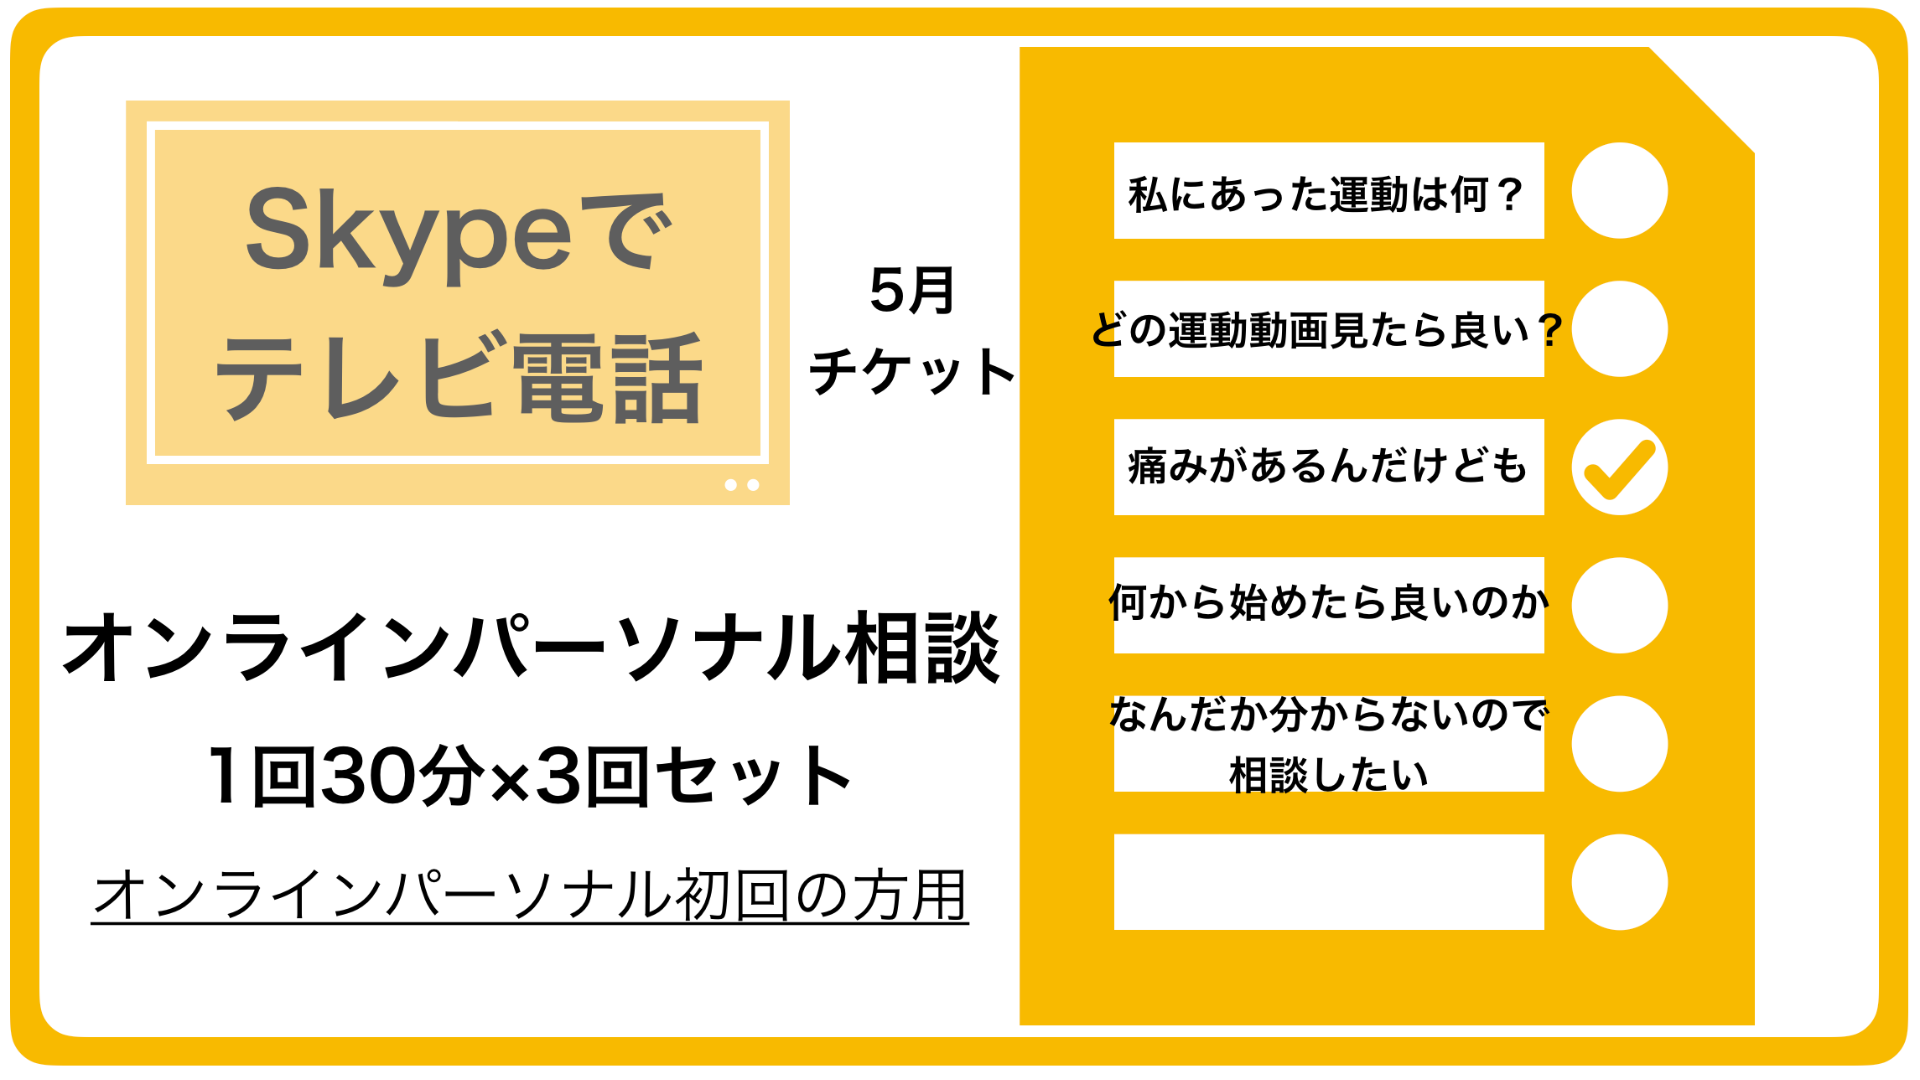 5月オンラインパーソナル相談(初回の方のみ)